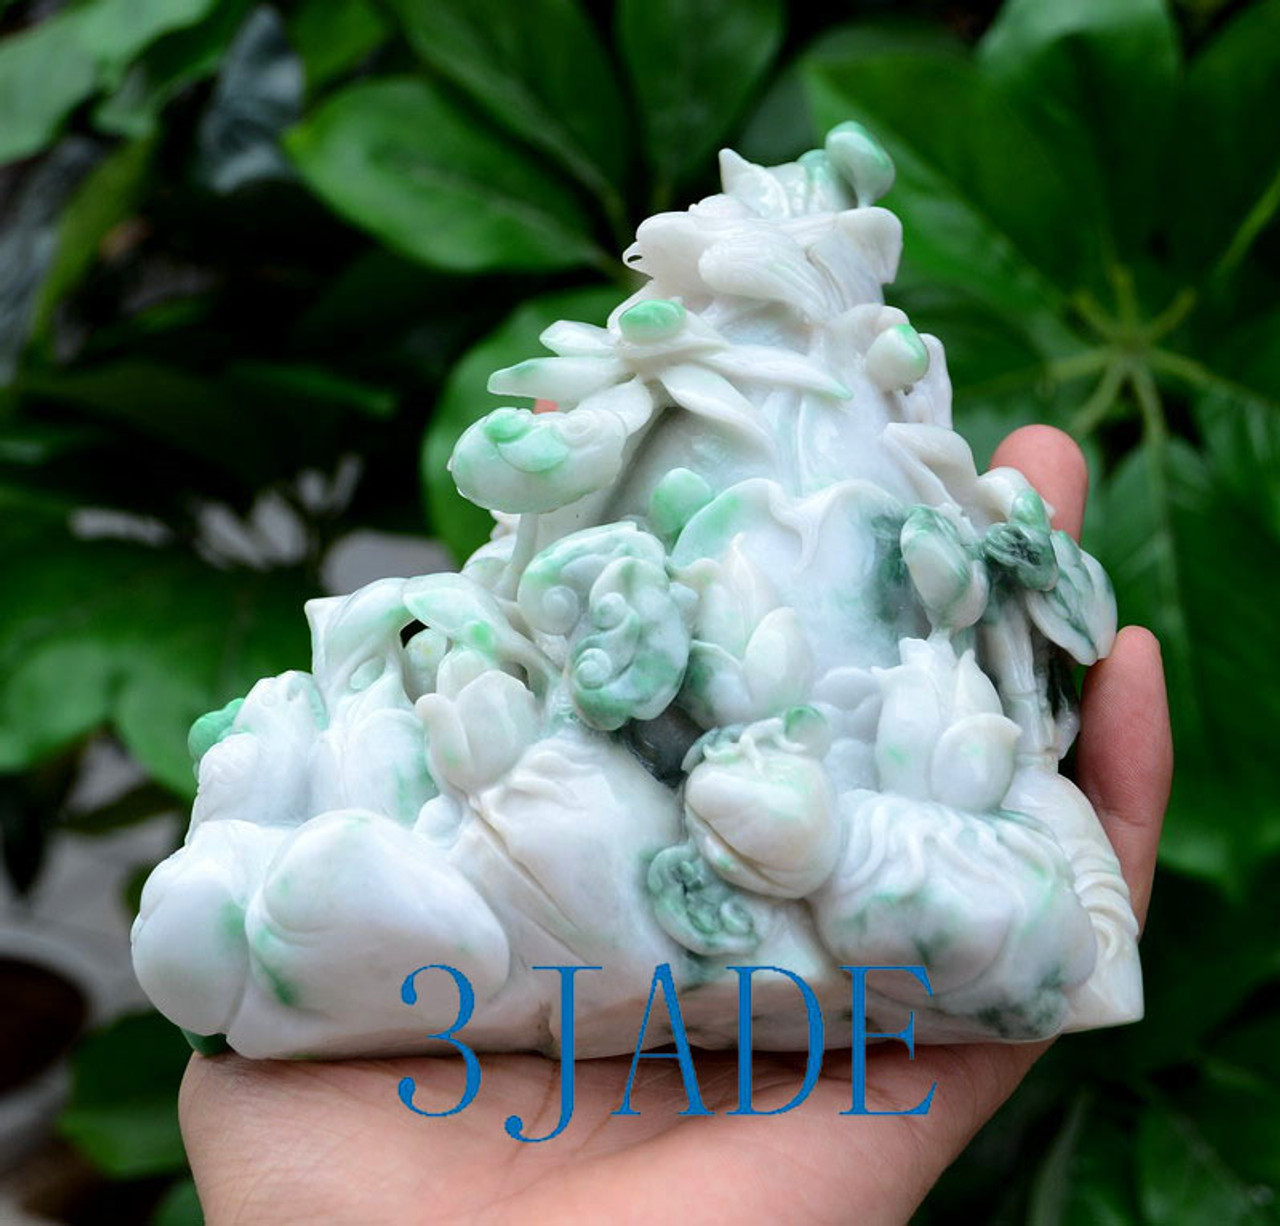 A Grade White-Green Jadeite Jade Bamboo Shoots Statue Sculpture w/certificate